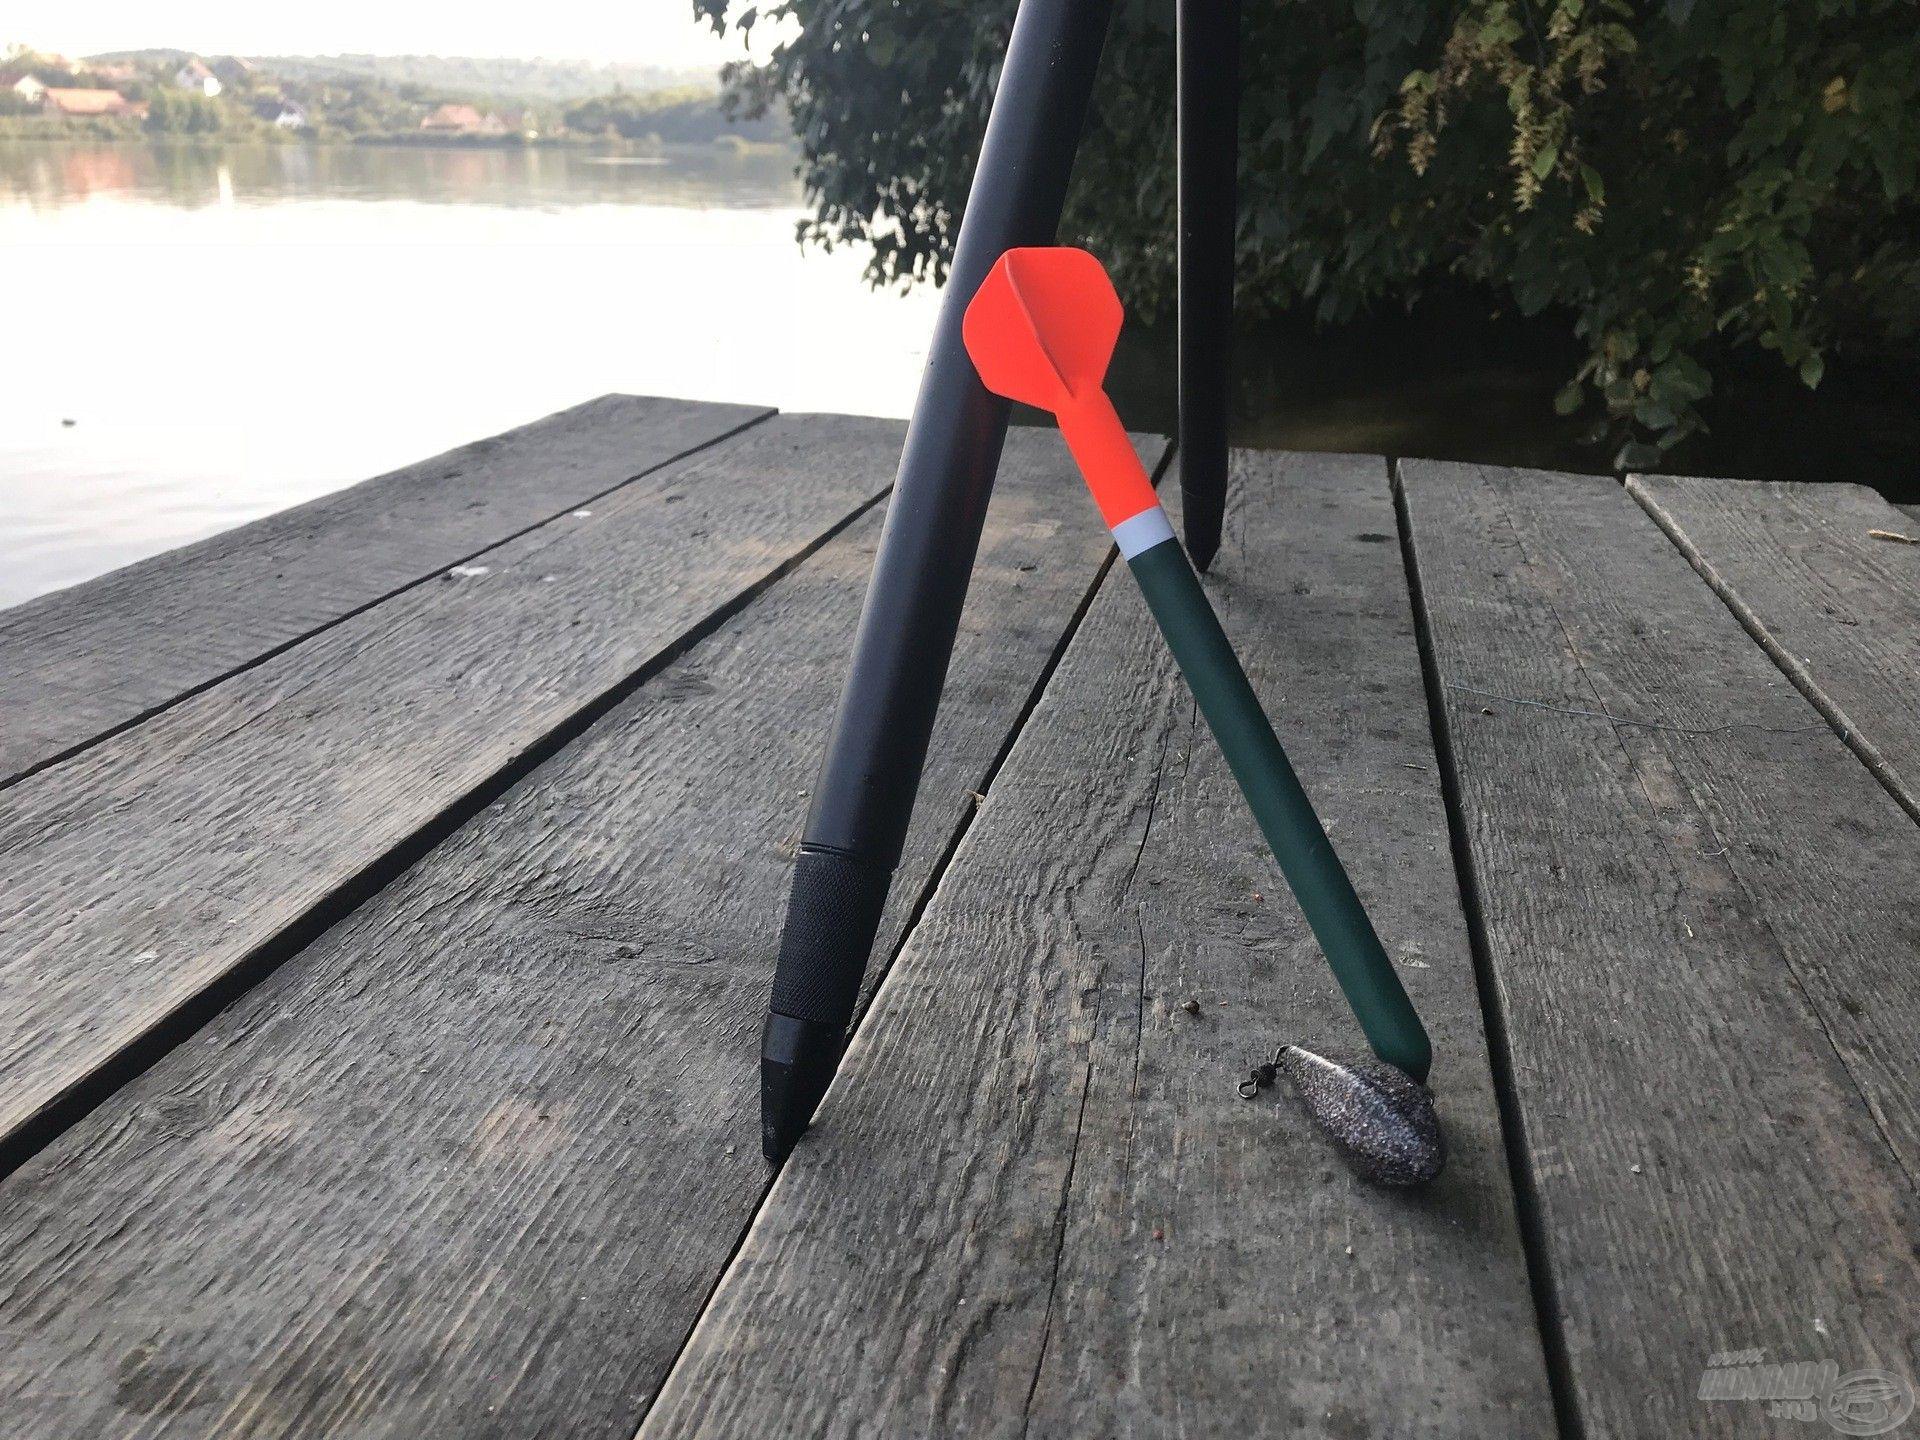 Egy jó minőségű marker úszó nagy segítséget nyújt a parti horgászatra alapozott túrák felépítésében